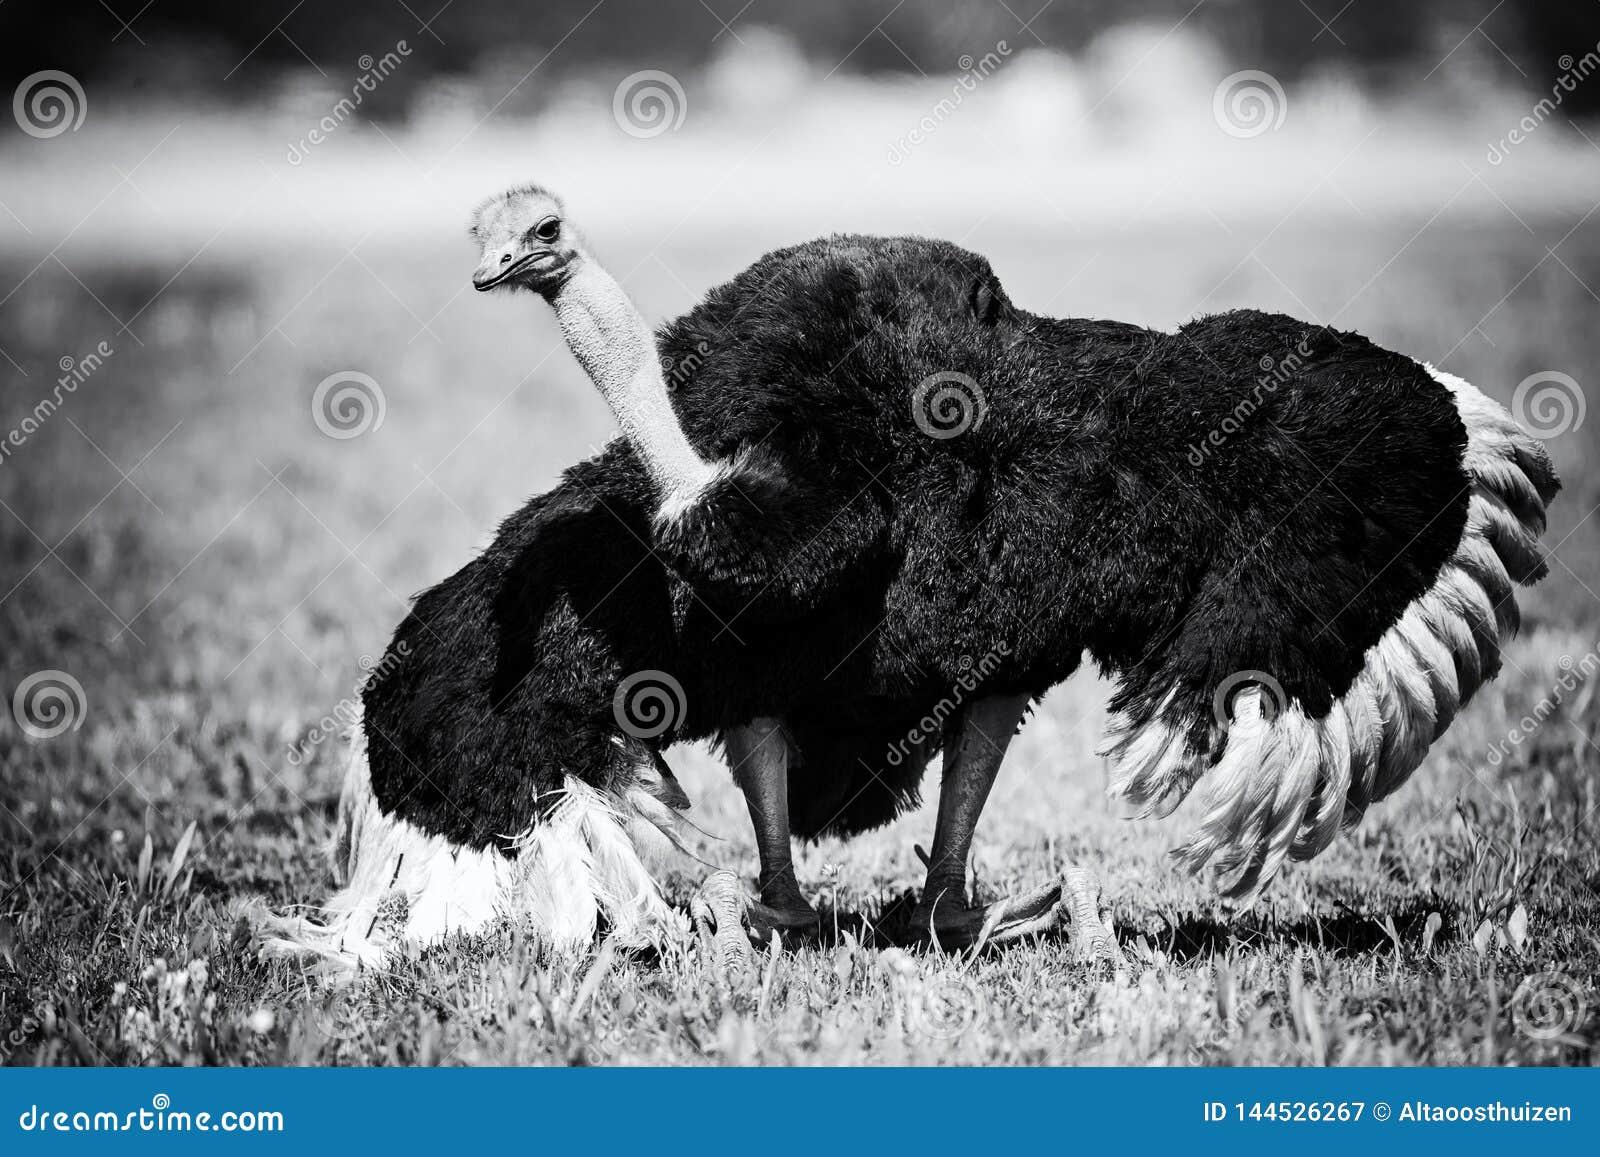 Мужской страус выполняя танец ухаживания на преобразовании короткой травы художественном